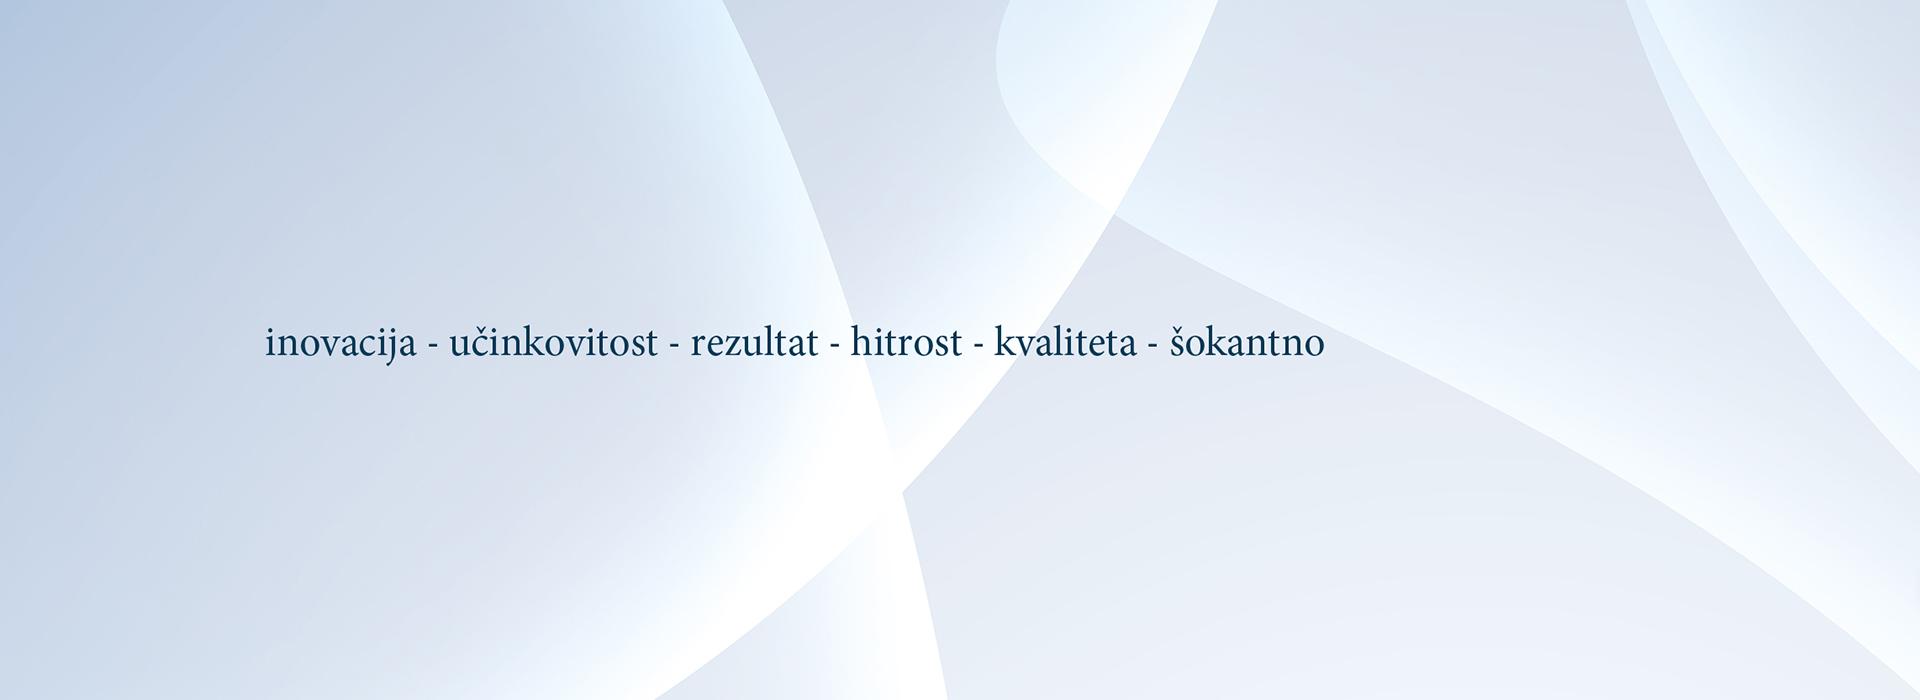 Catalogo-CE-v-1.0-Eng-Imp